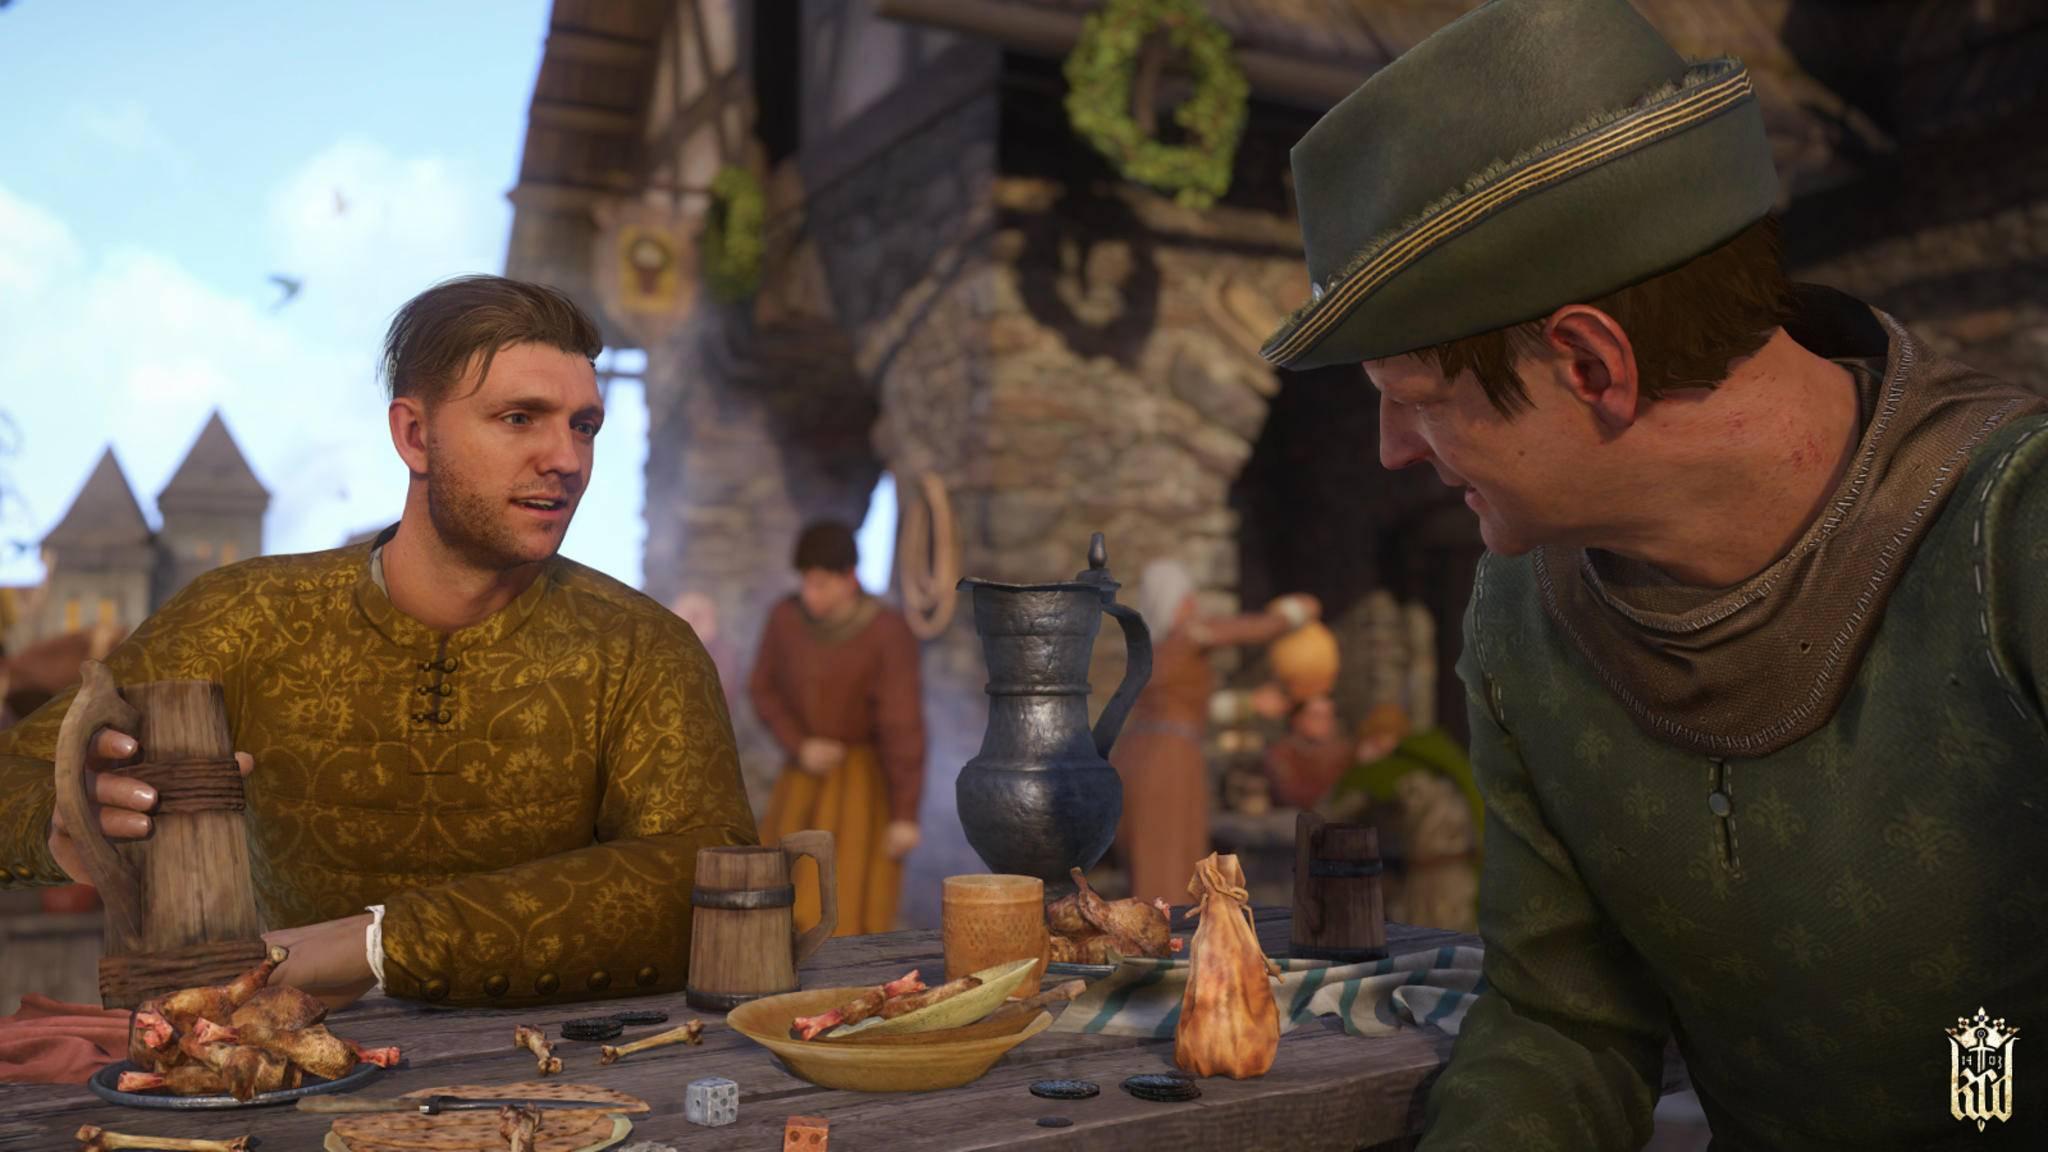 """Um in """"Kingdom Come: Deliverance"""" regelmäßig zu speichern, musst Du Protagonist Heinrich ordentlich zechen lassen. Aber es gibt auch andere Wege."""